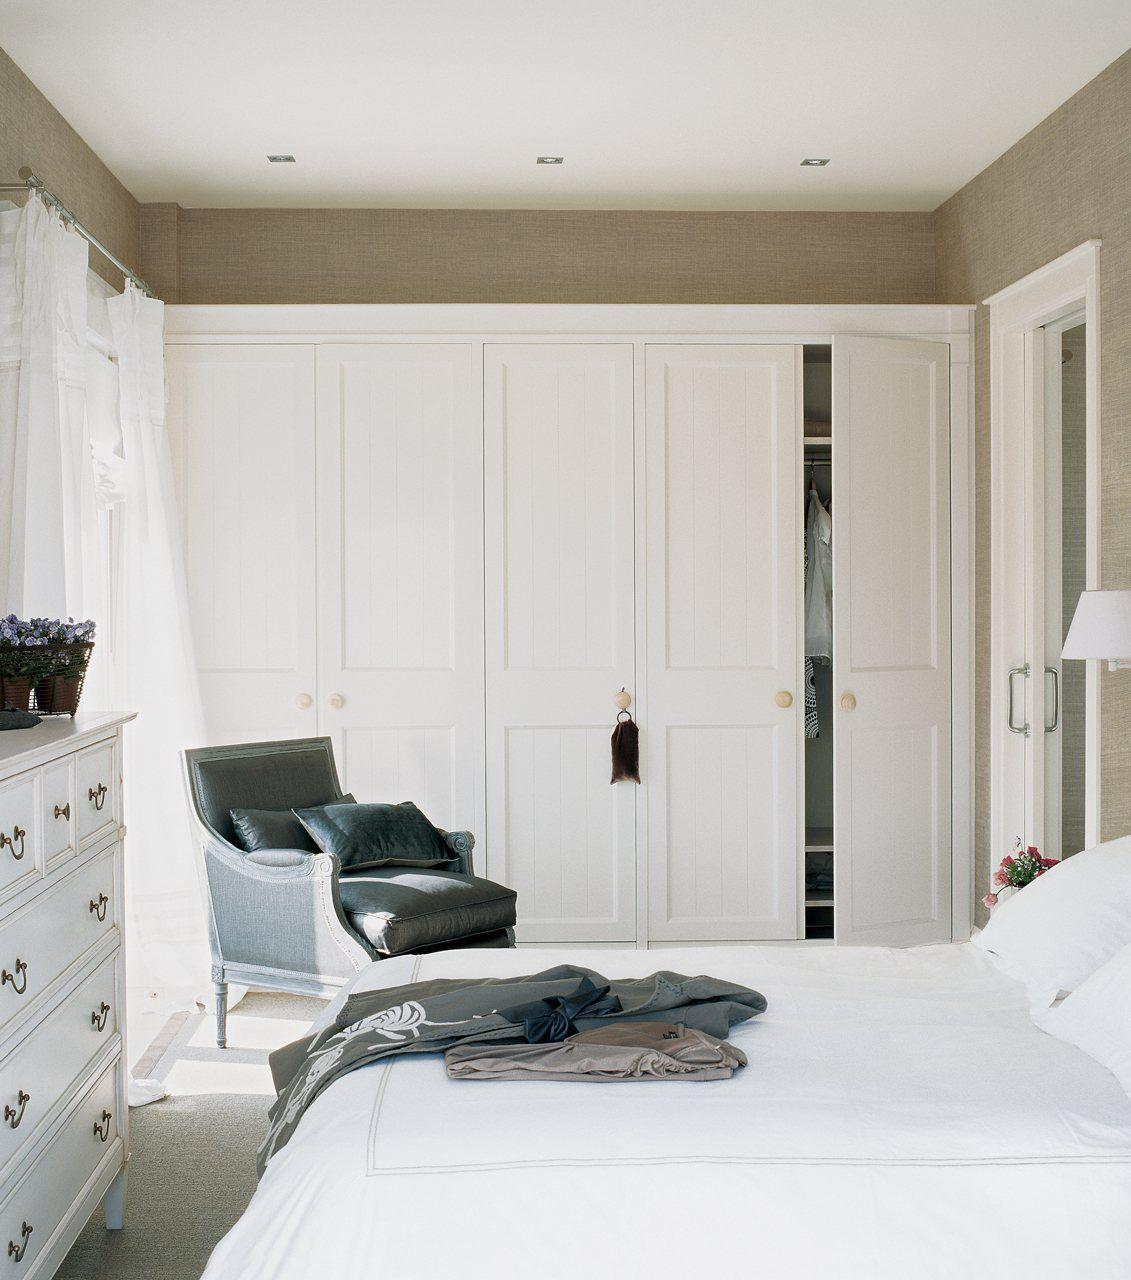 Dormitorios Pequeños Con Ideas Dormitorios Armarios De Dormitorio Armarios Habitacion